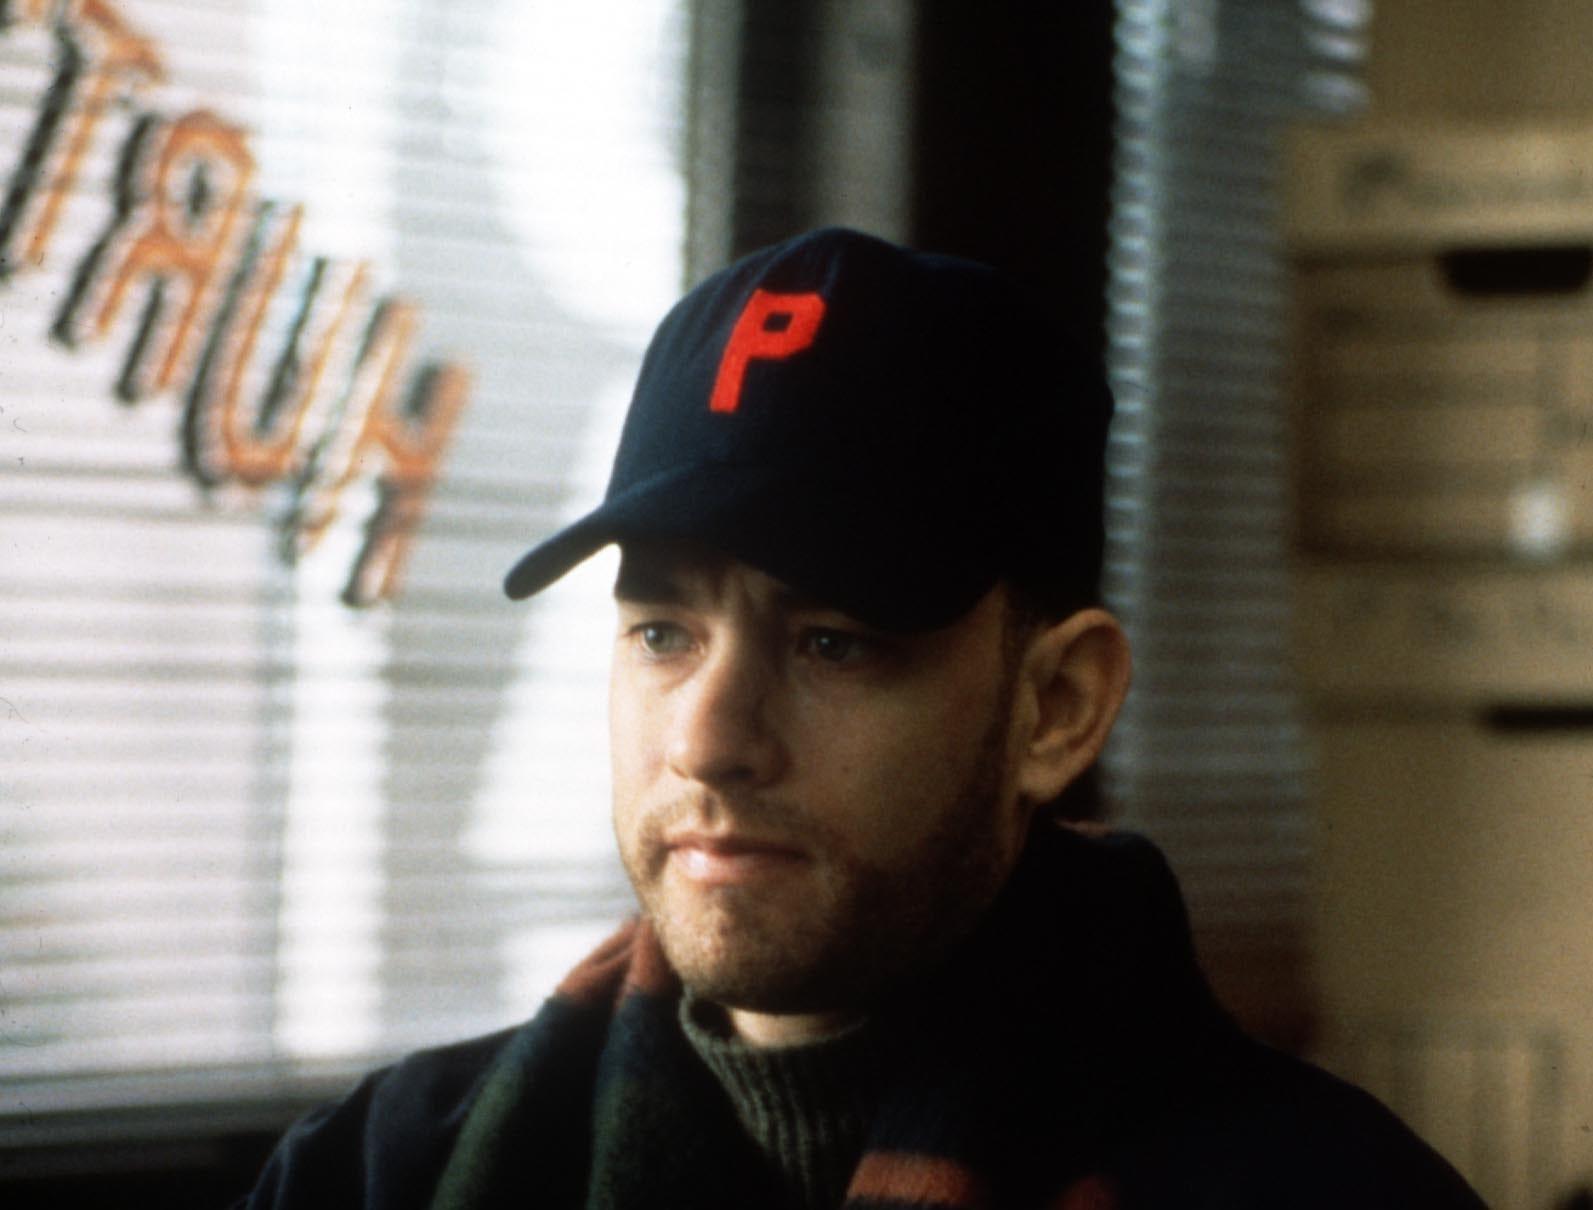 Tom Hanks in a scene from the film Philadelphia.